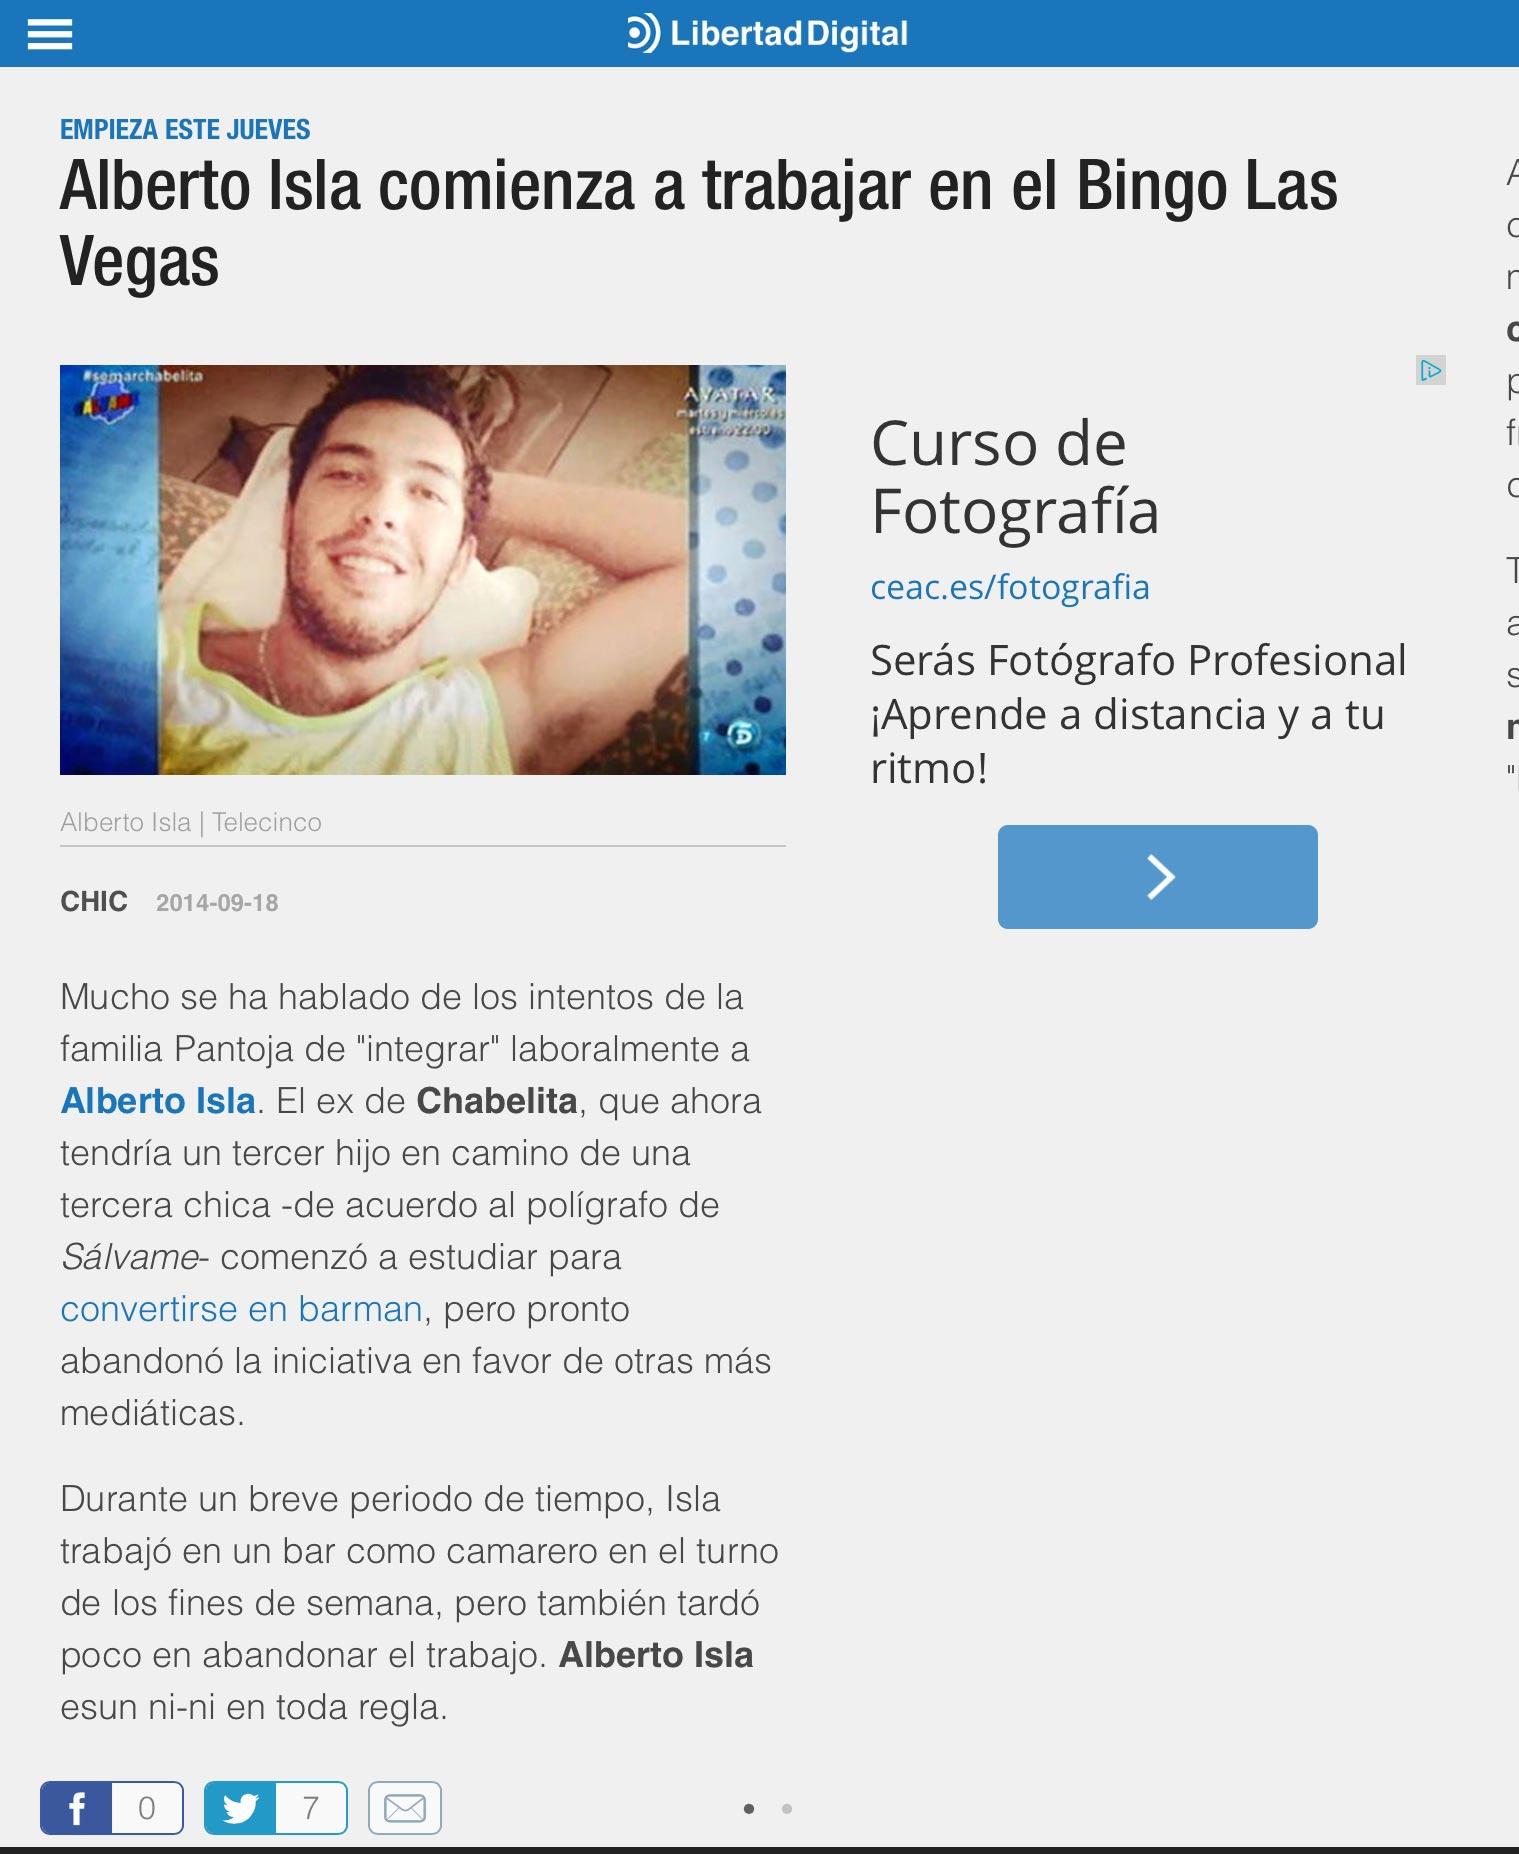 Alberto Isla comienza a trabajar en el Bingo Las Vegas